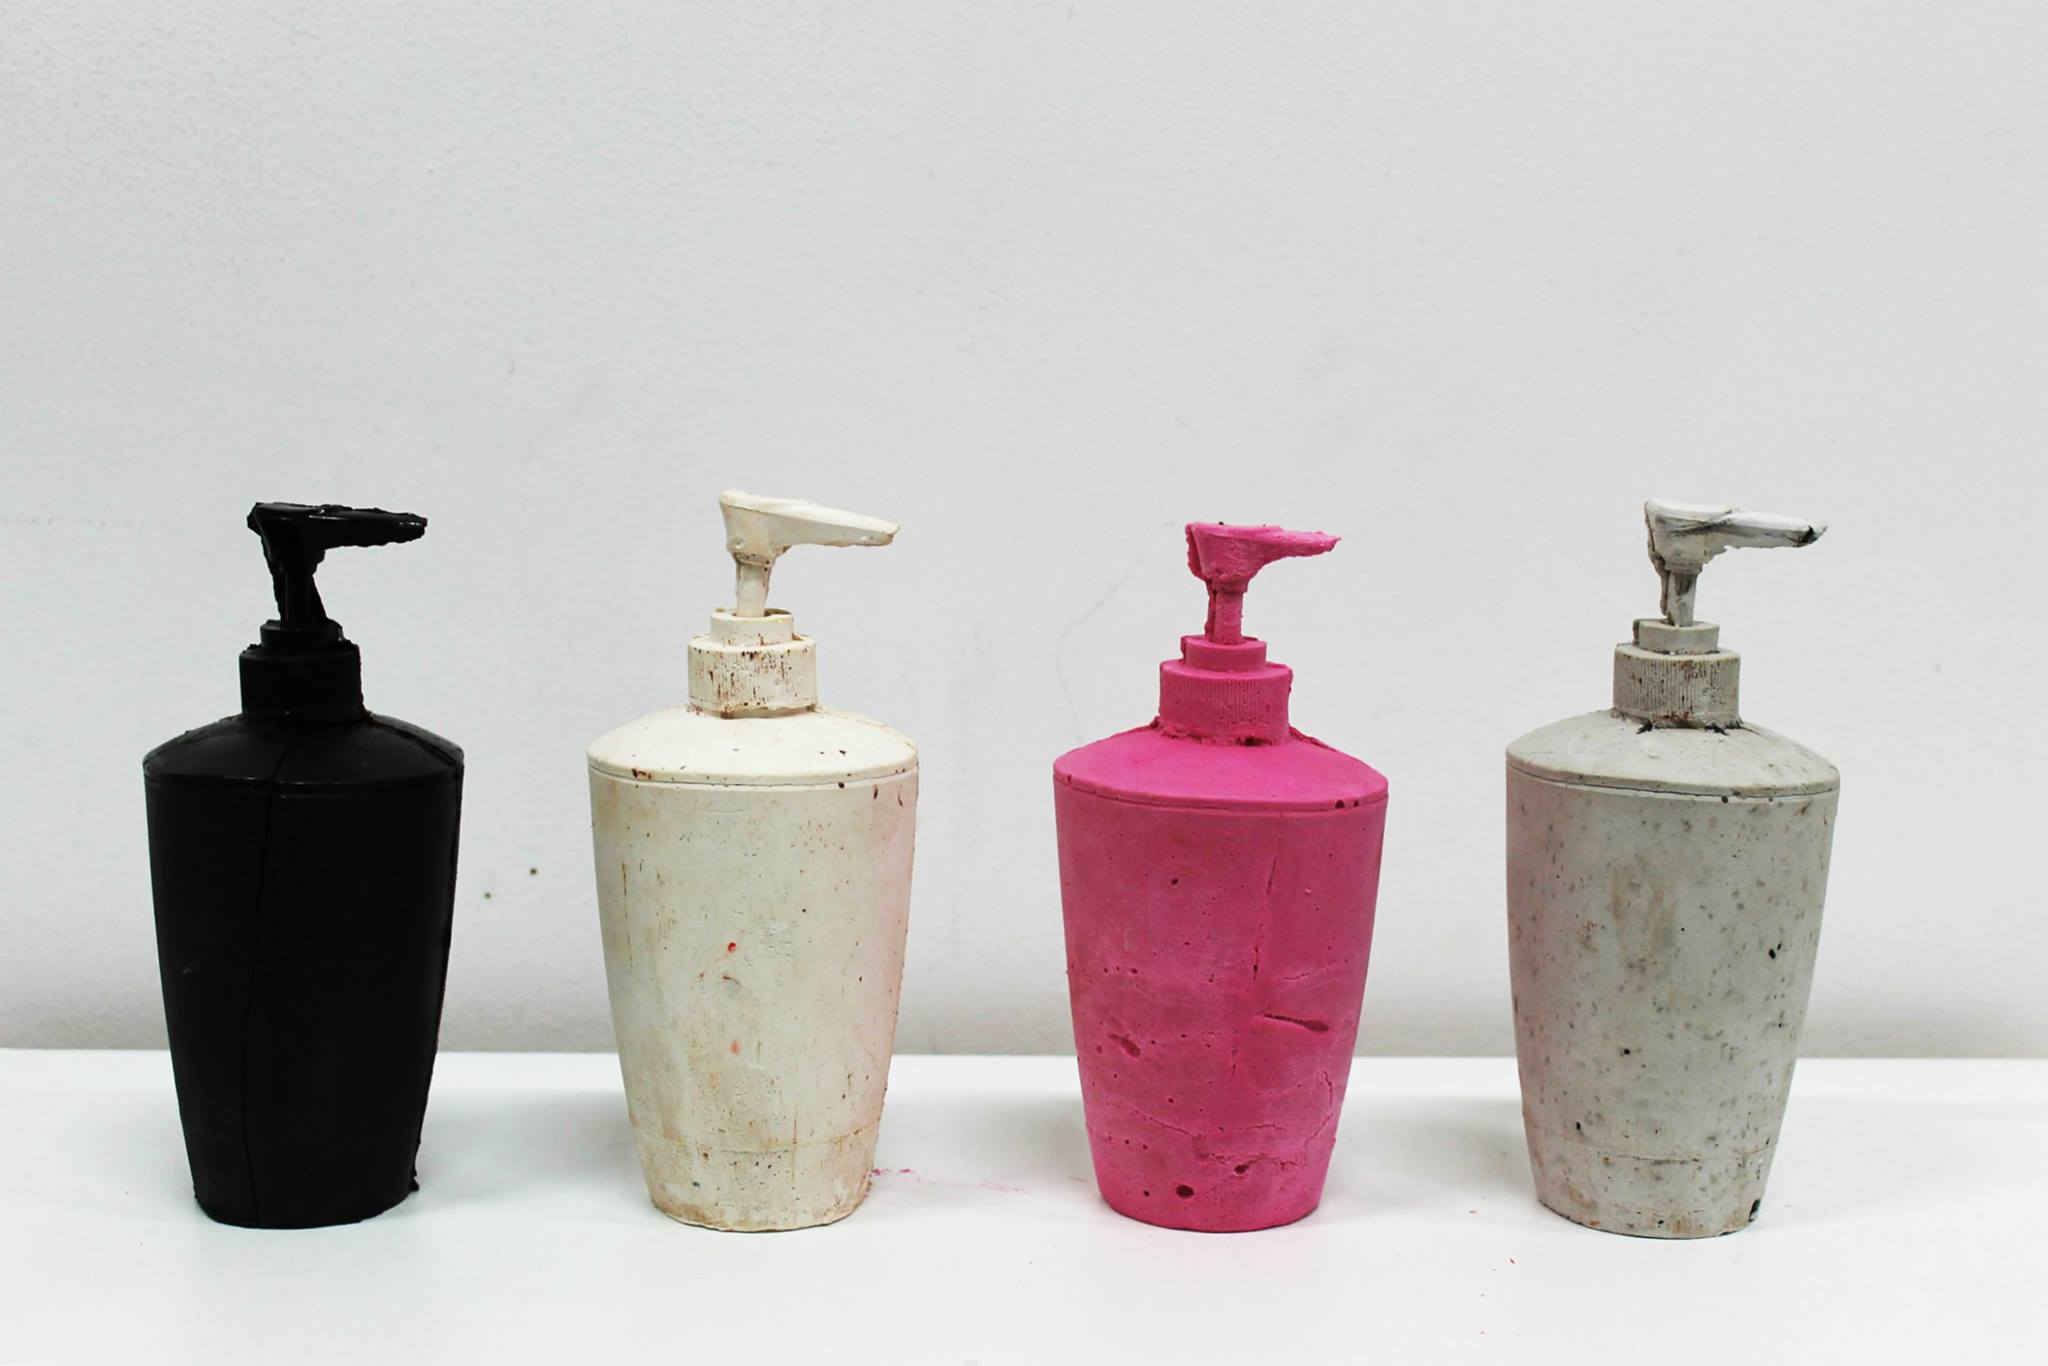 Evdokia Georgiou, Soap Dispensers, 2015